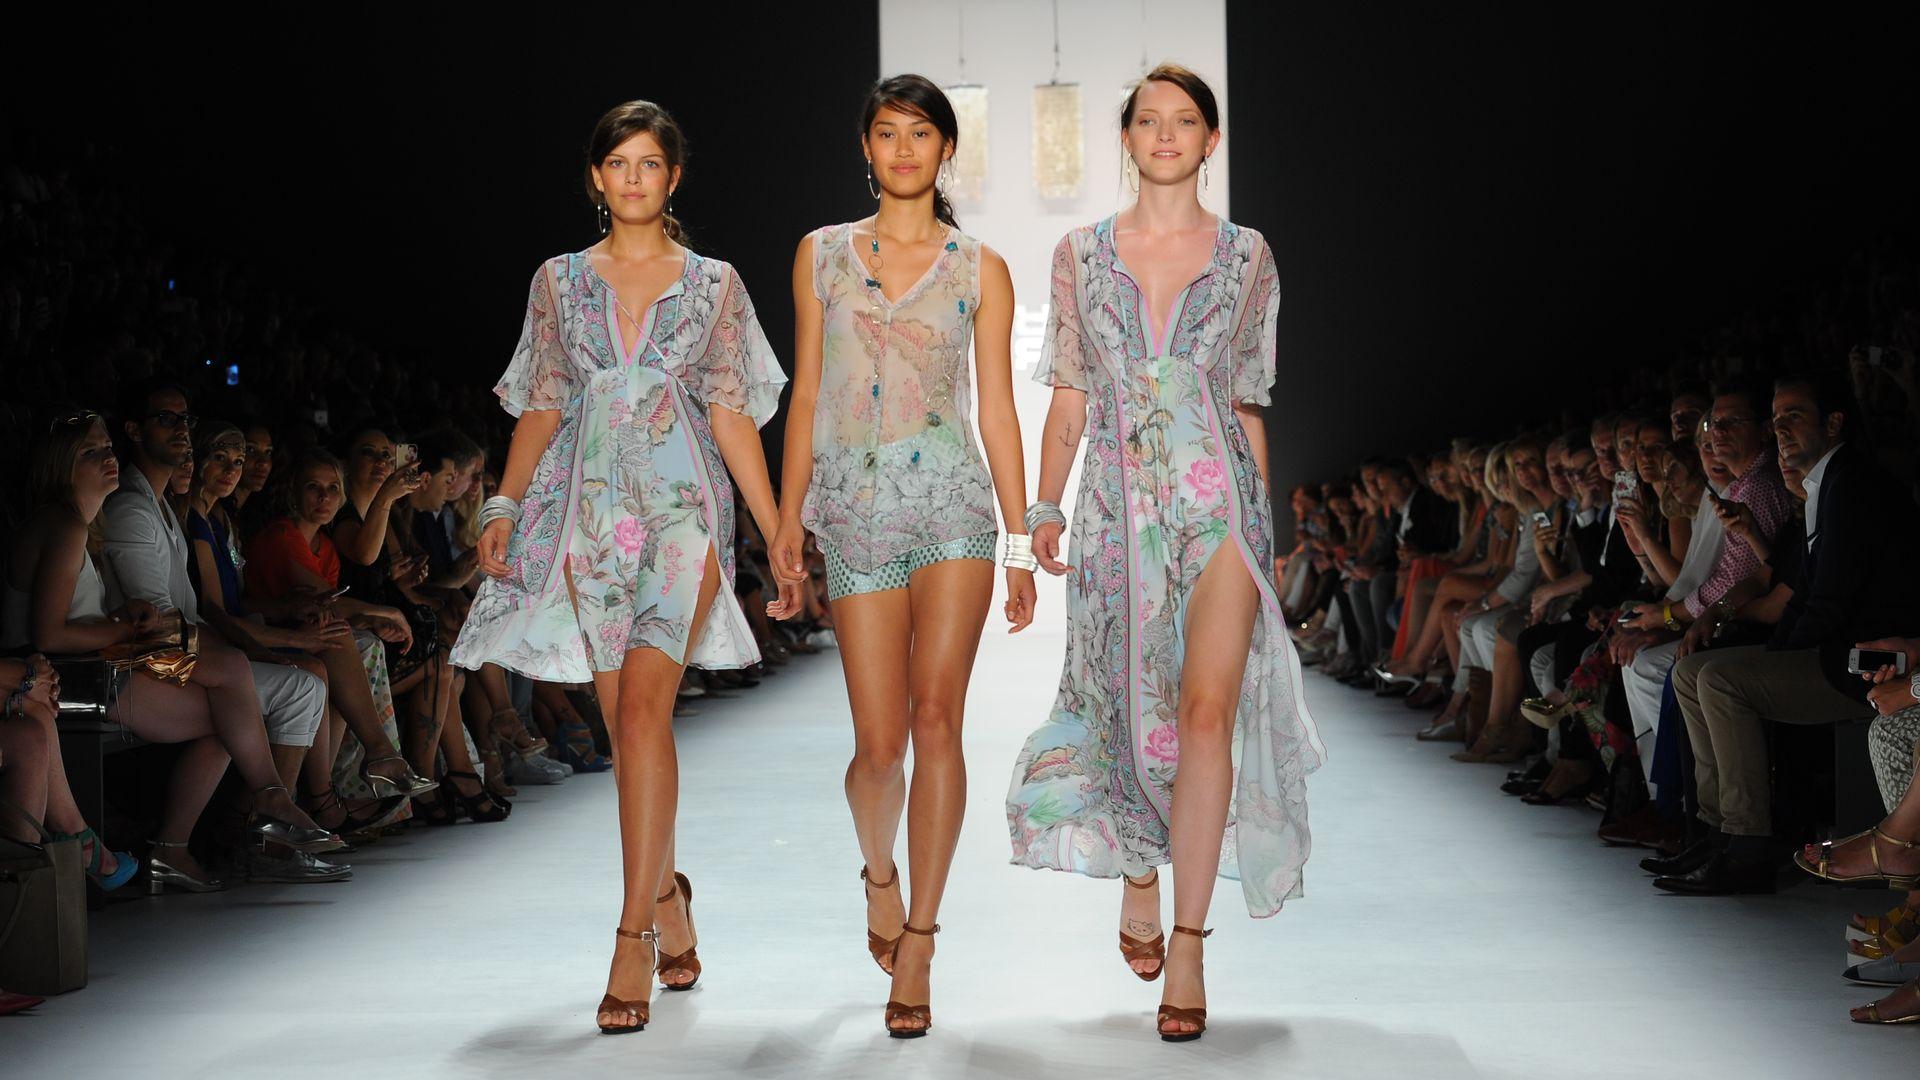 Fashion Week Gntm Finalistinnen Gemeinsam Auf Dem Catwalk